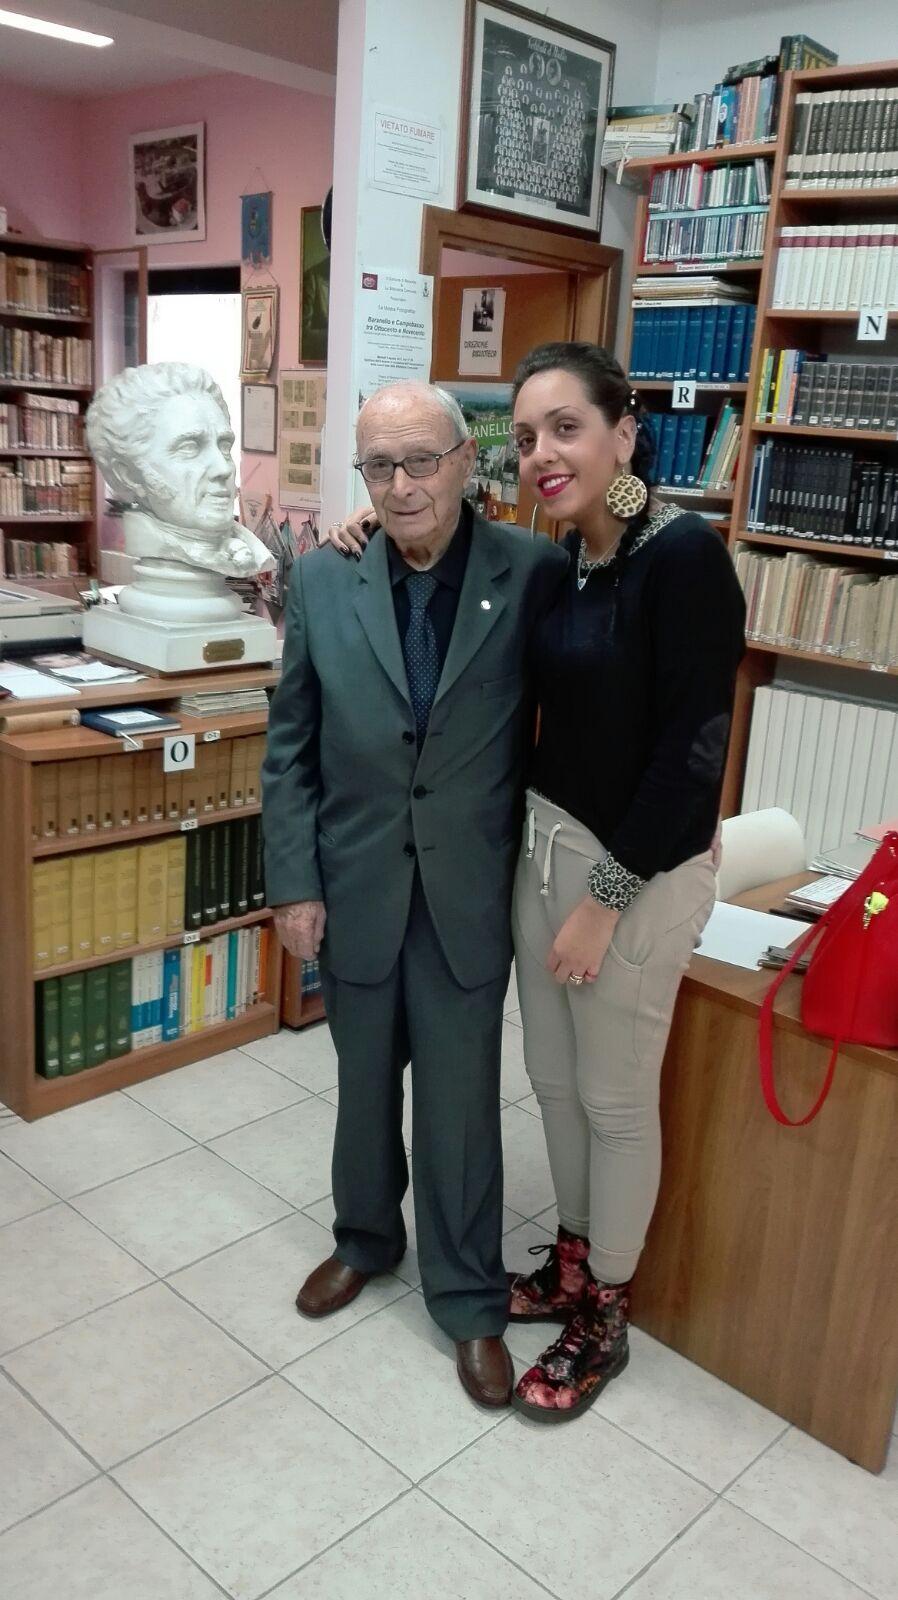 Claudio Niro e Chiara, la tirocinante che lo sta aiutando